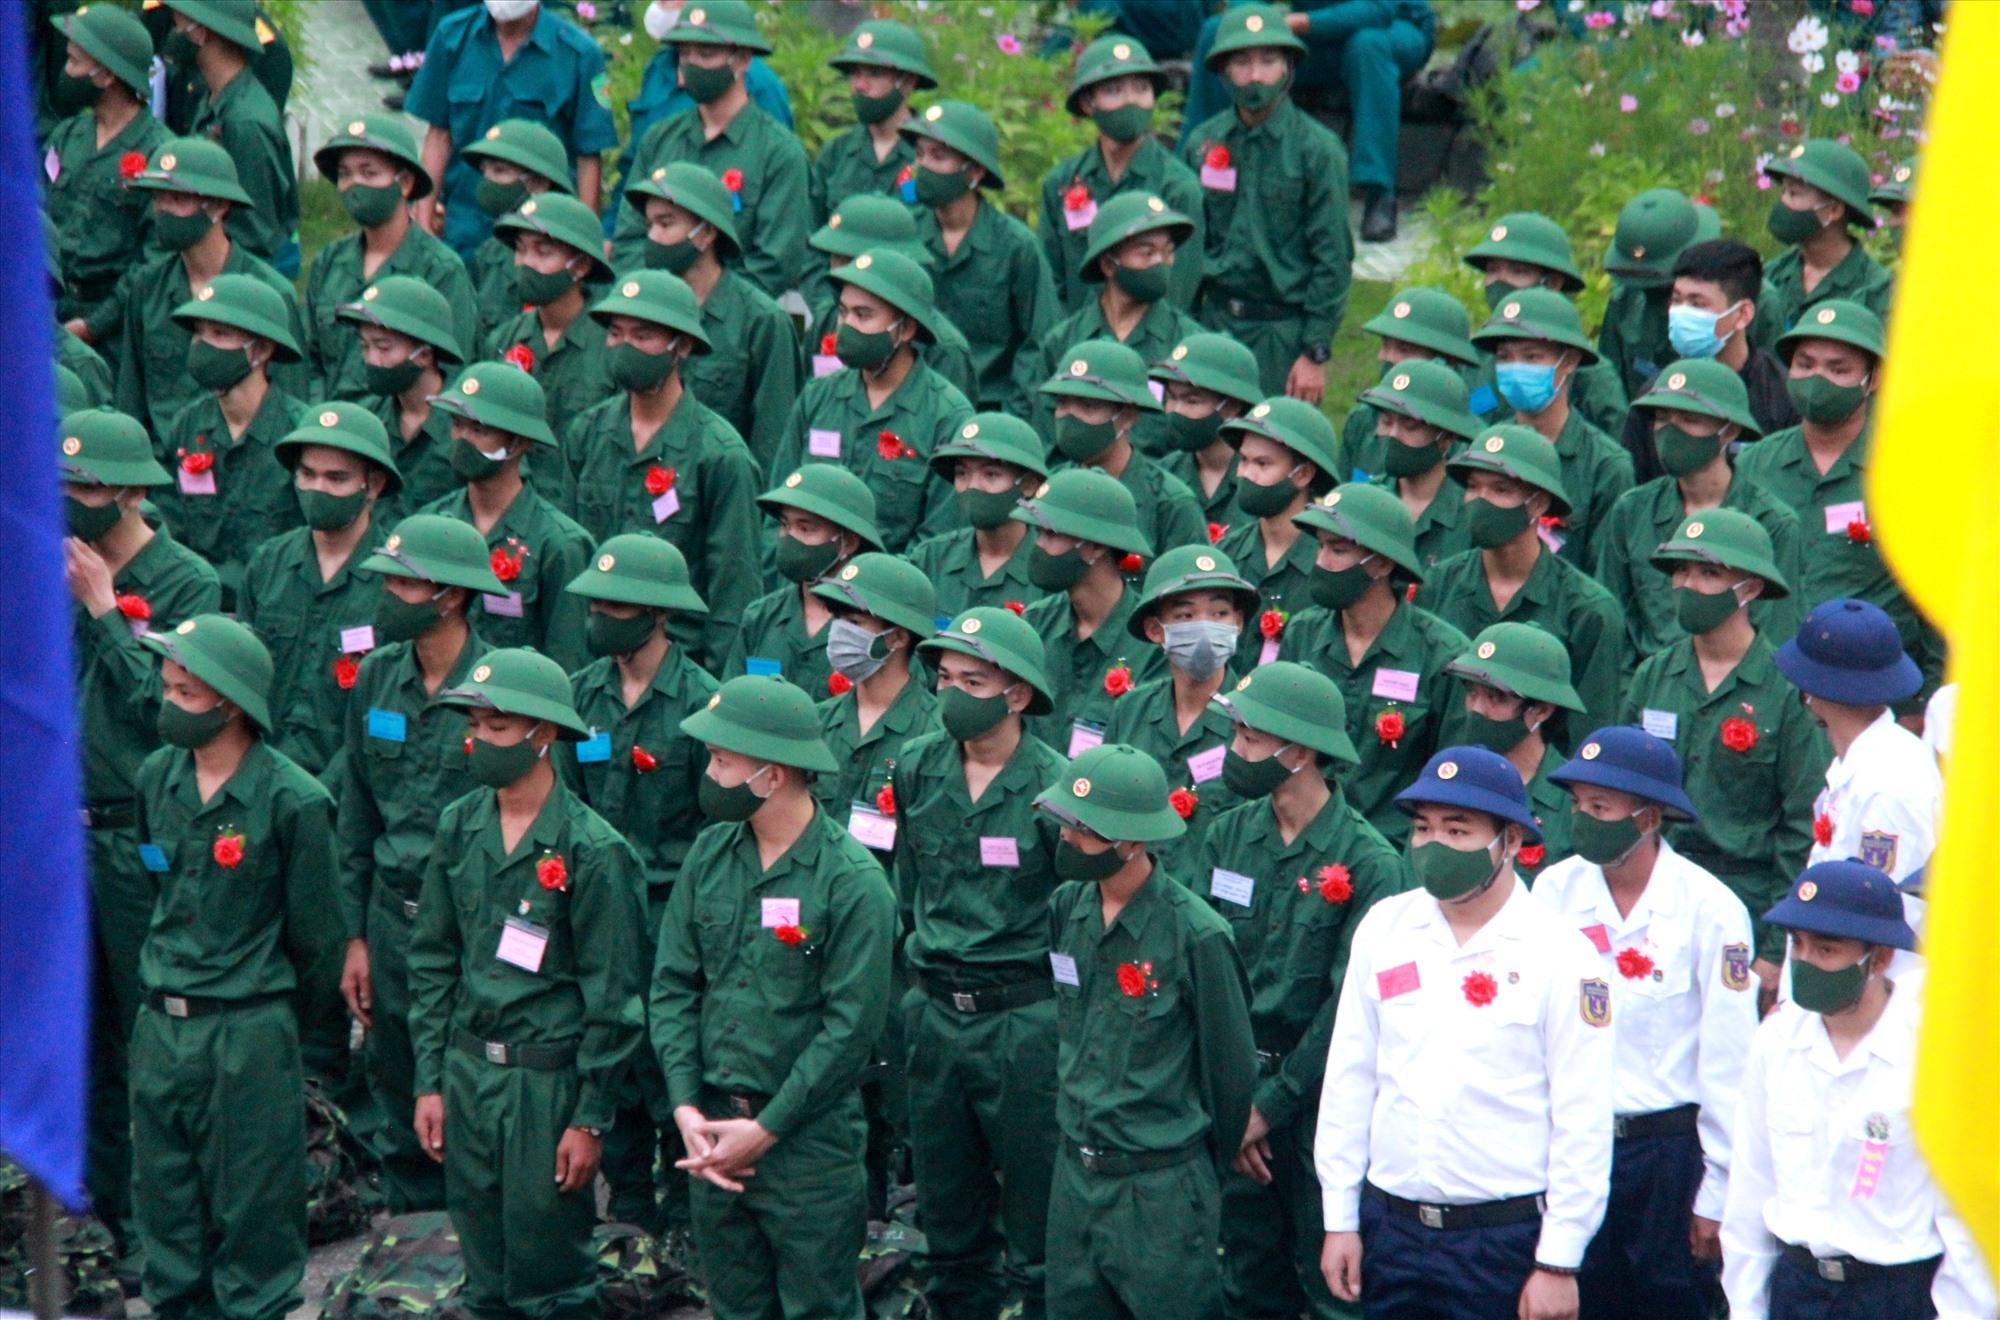 Năm nay, Núi Thành có 205 thanh niên lên đường nhập ngũ, trong đó có 15 thanh niên đi nghĩa vụ công an. Ảnh: ALĂNG NGƯỚC